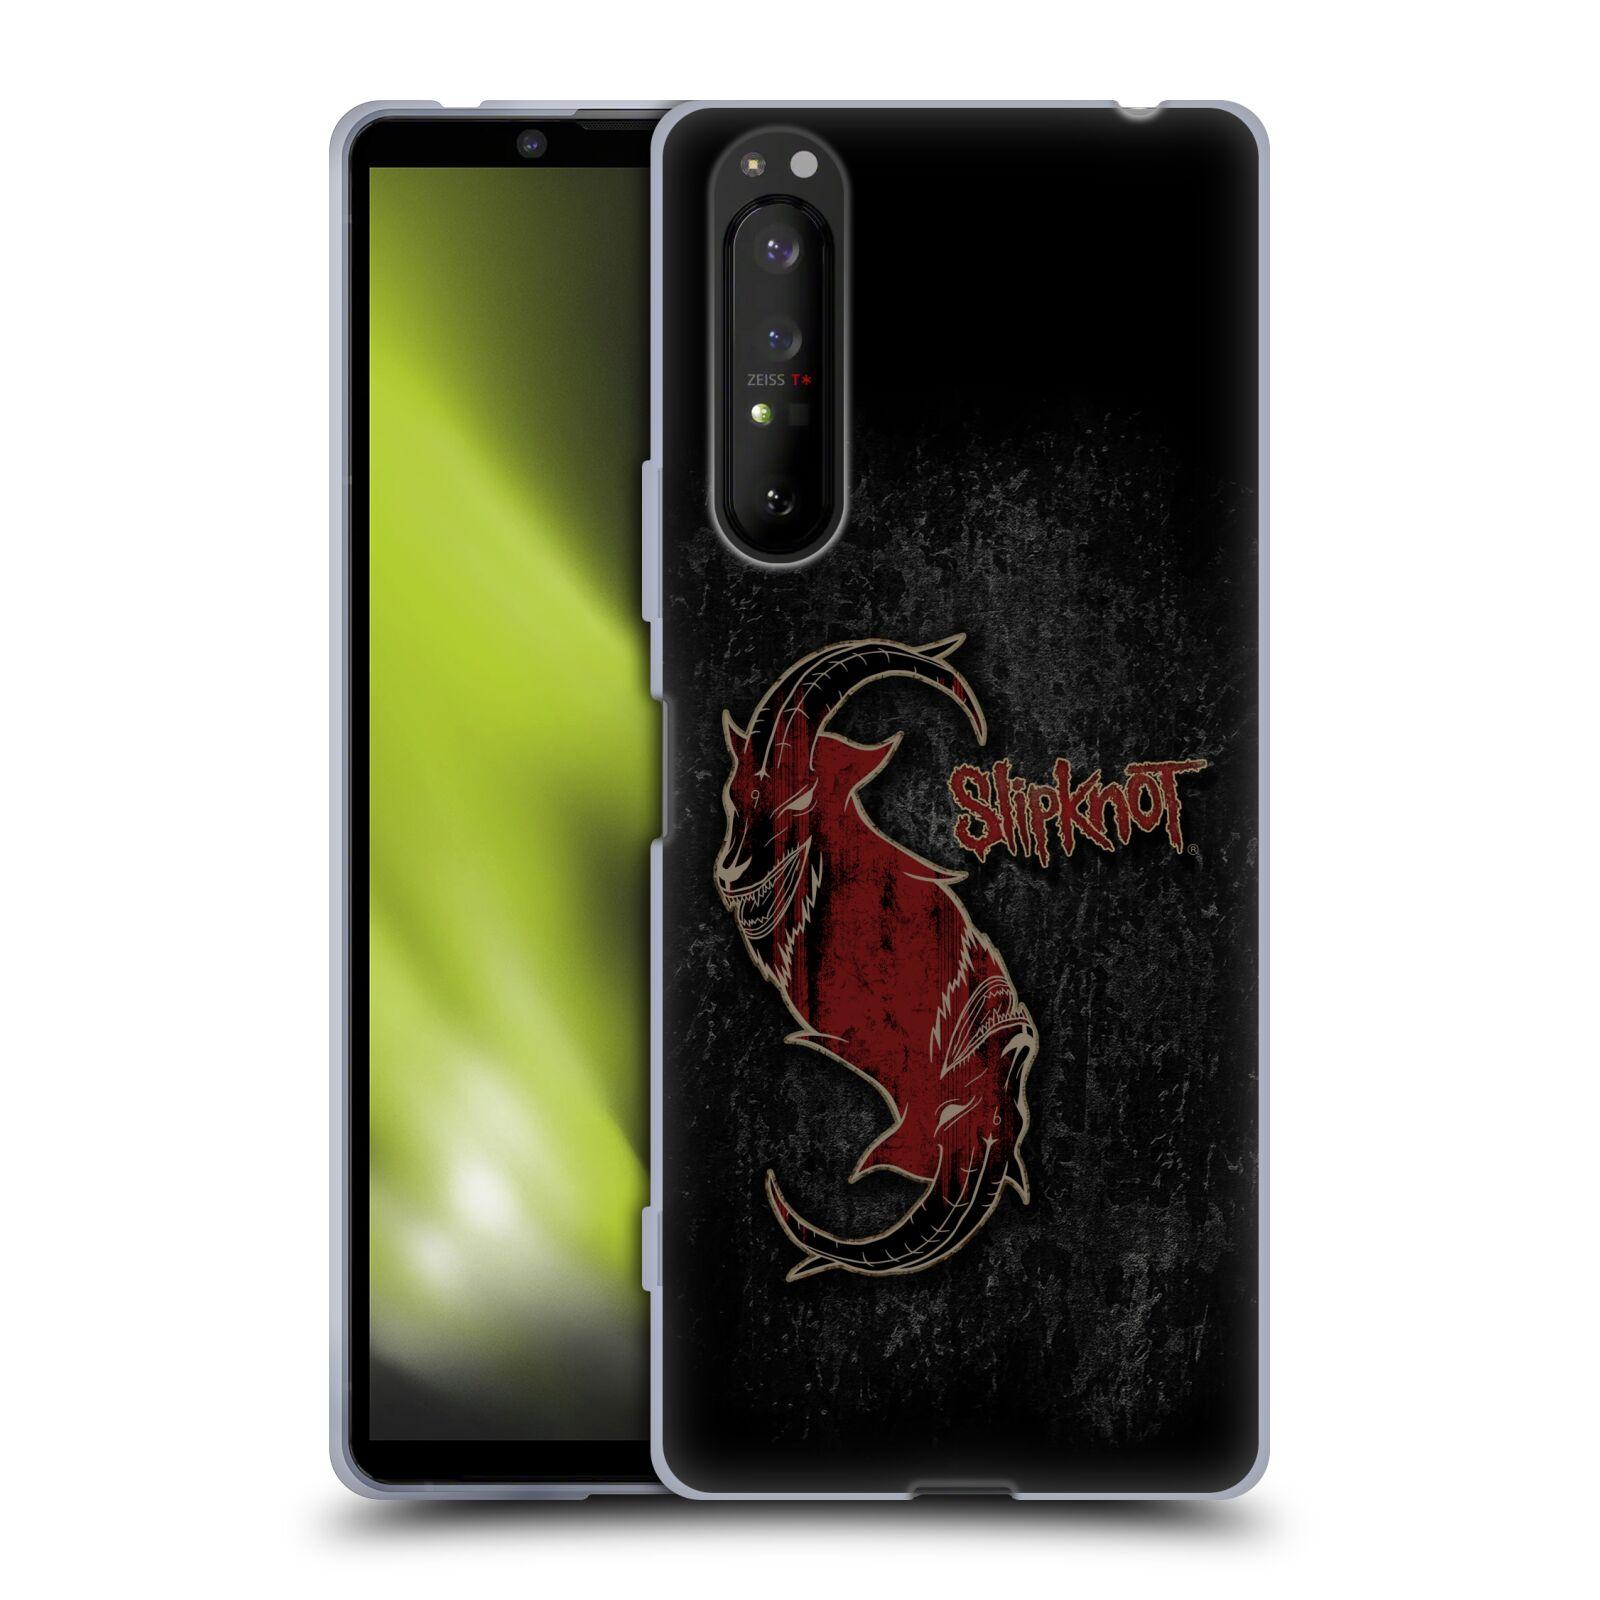 Silikonové pouzdro na mobil Sony Xperia 1 II - Head Case - Slipknot - Rudý kozel